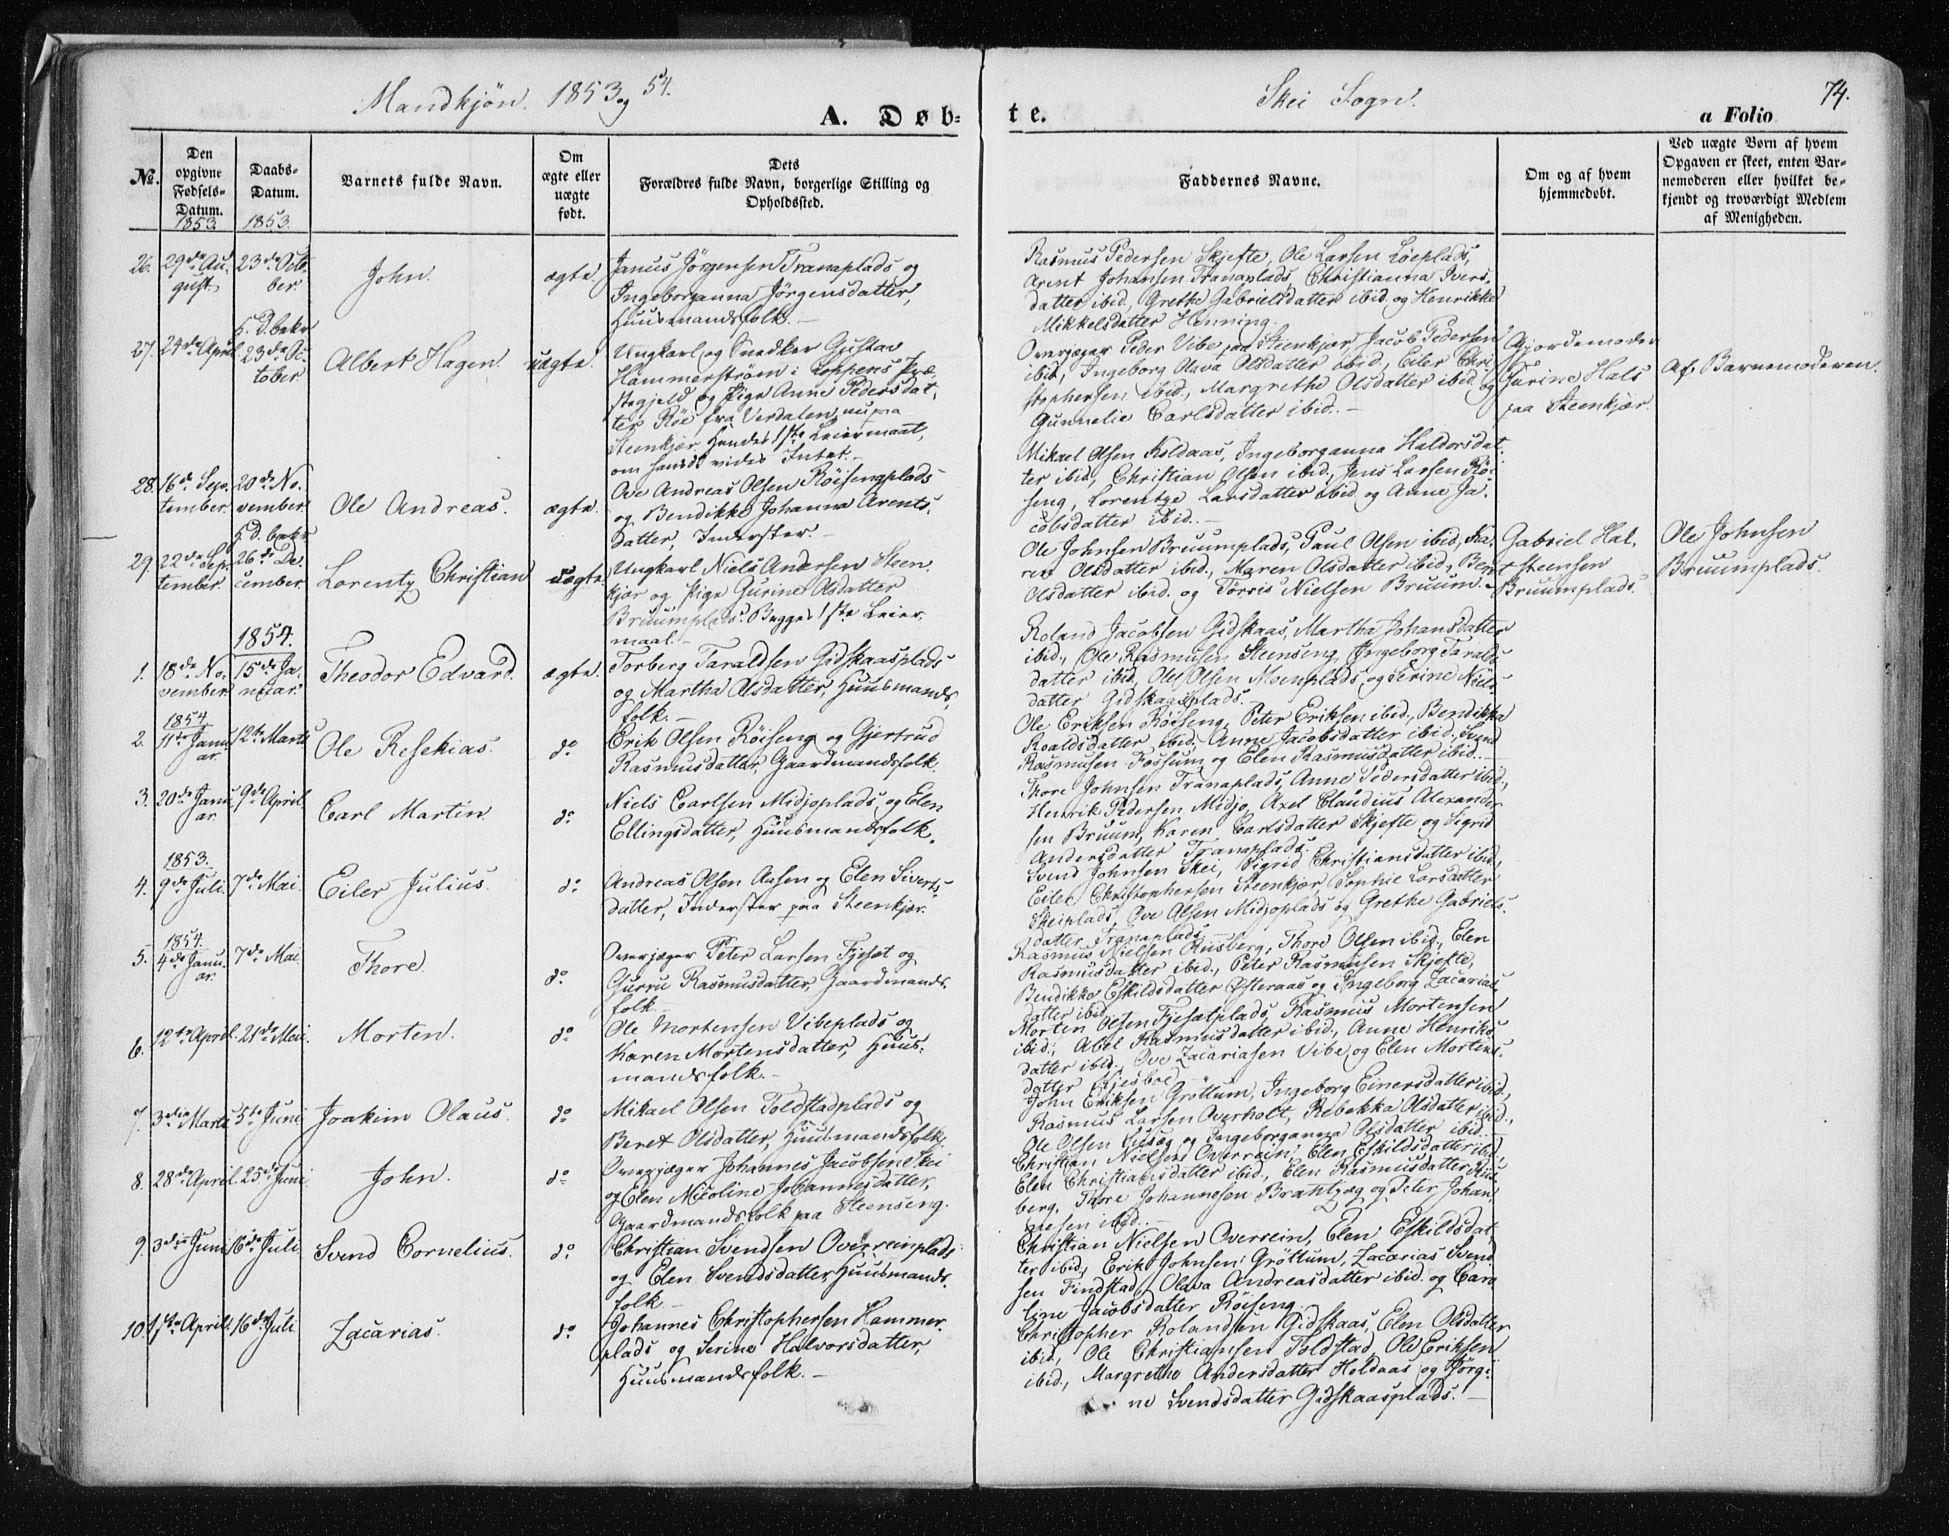 SAT, Ministerialprotokoller, klokkerbøker og fødselsregistre - Nord-Trøndelag, 735/L0342: Ministerialbok nr. 735A07 /2, 1849-1862, s. 74